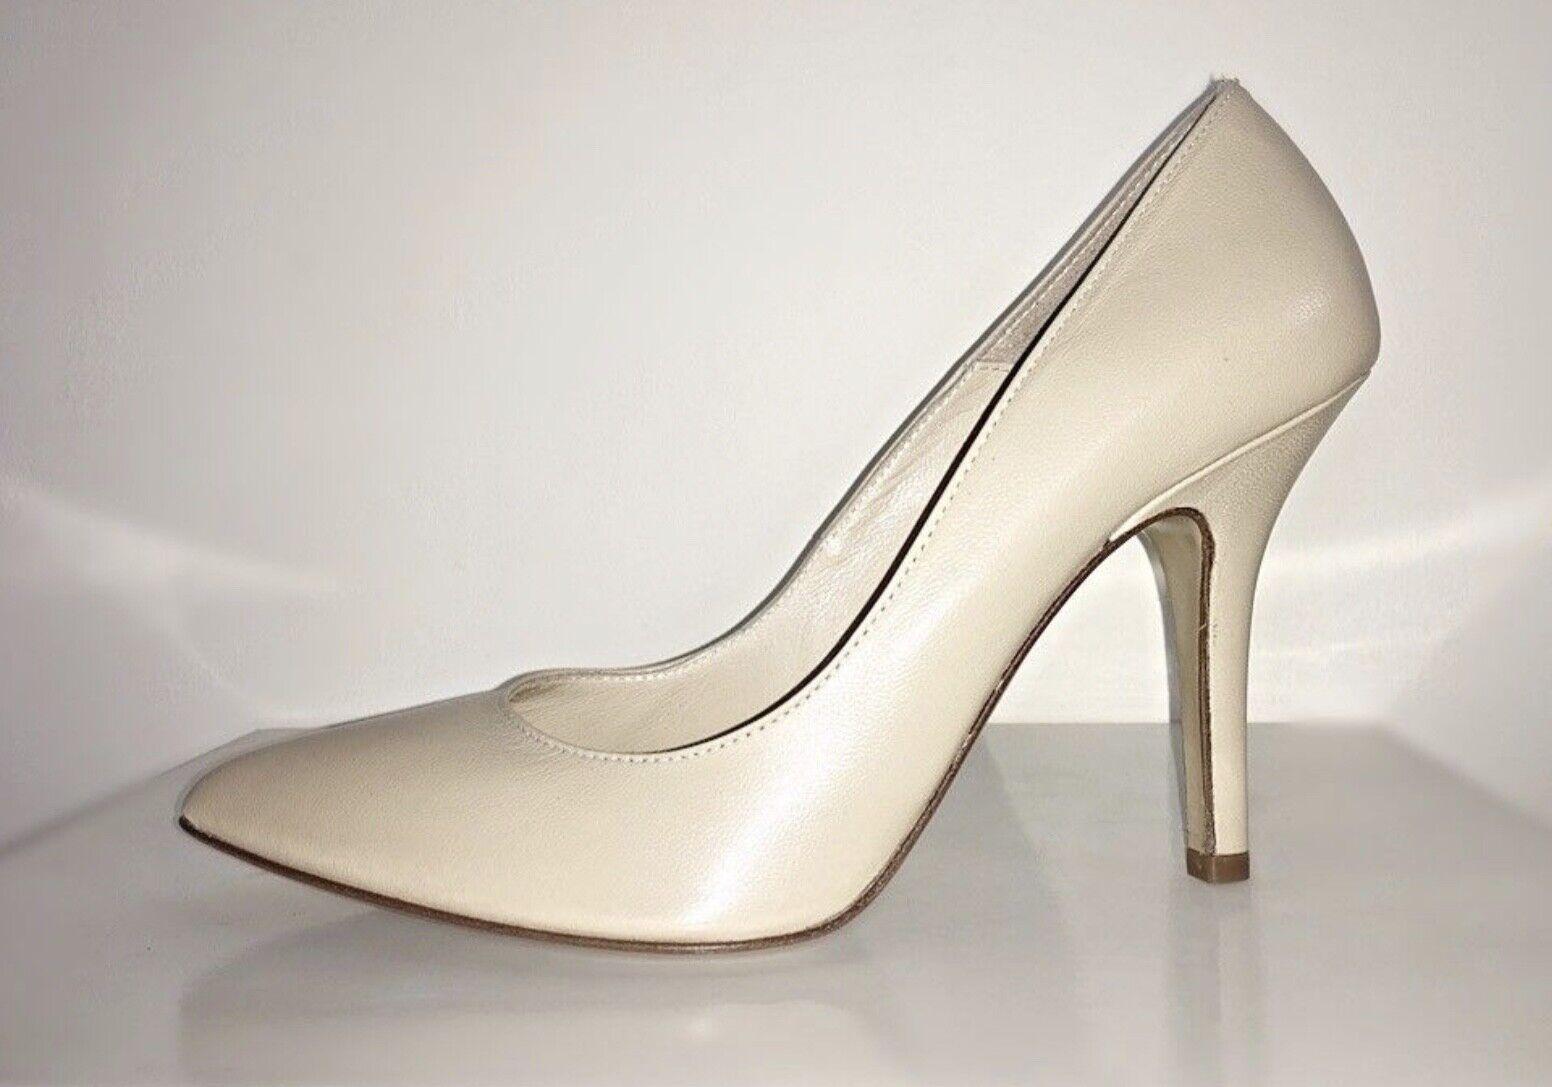 Señaló Cuero Stiletto Hecho Italia Lady Doc Tacones Tacones Tacones Tribunal Zapatos EUR 37 38 UK 4 5  el mas reciente